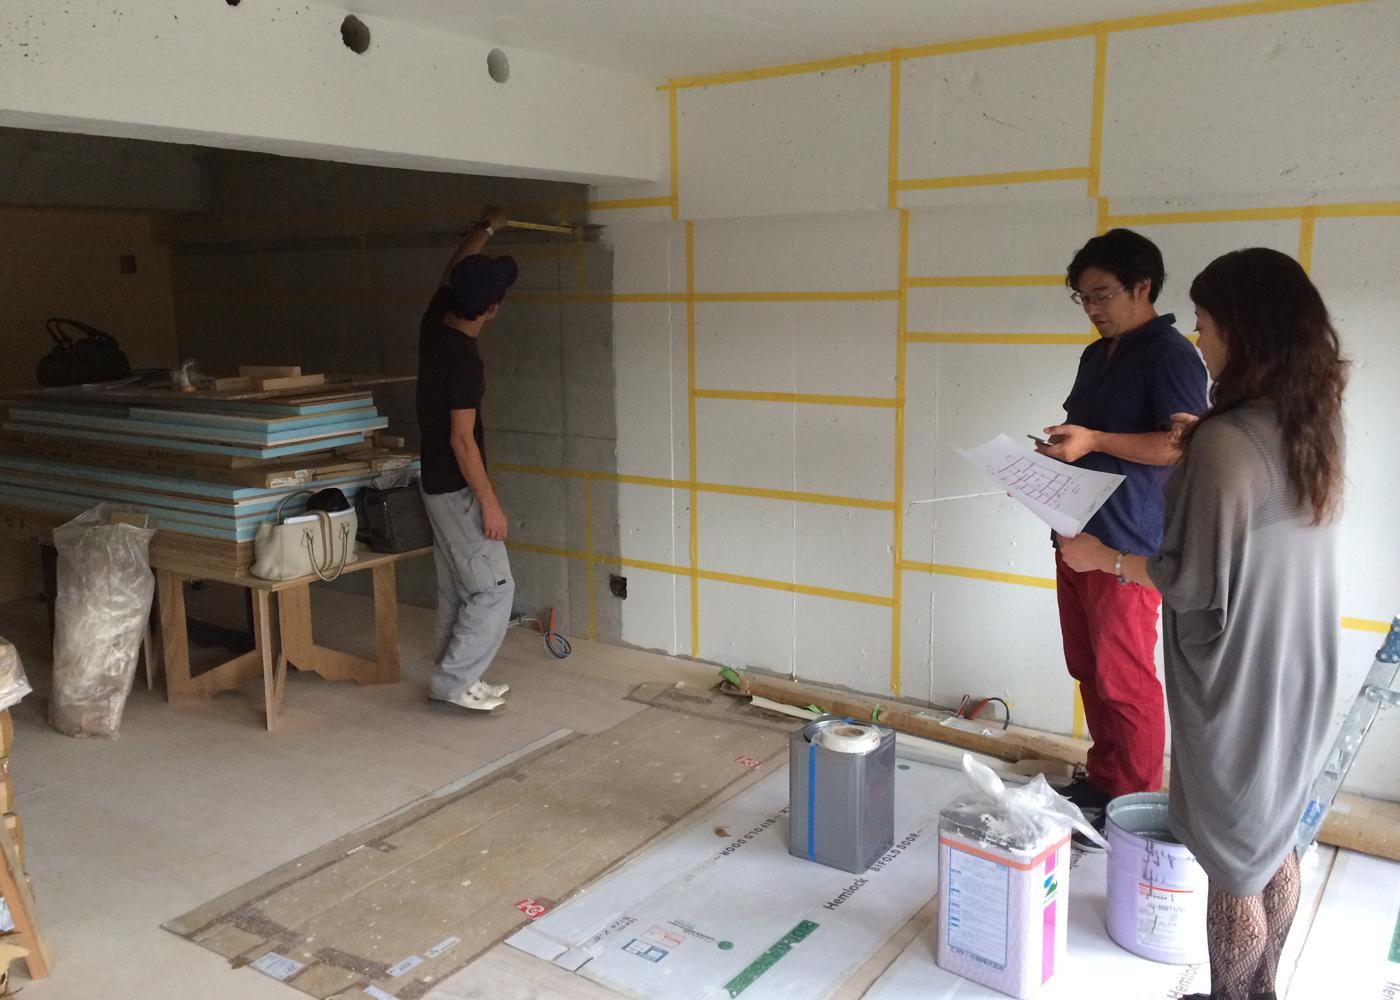 マンションリノベーション施主現地打合せ。壁面収納納サイズを確認いただきました。